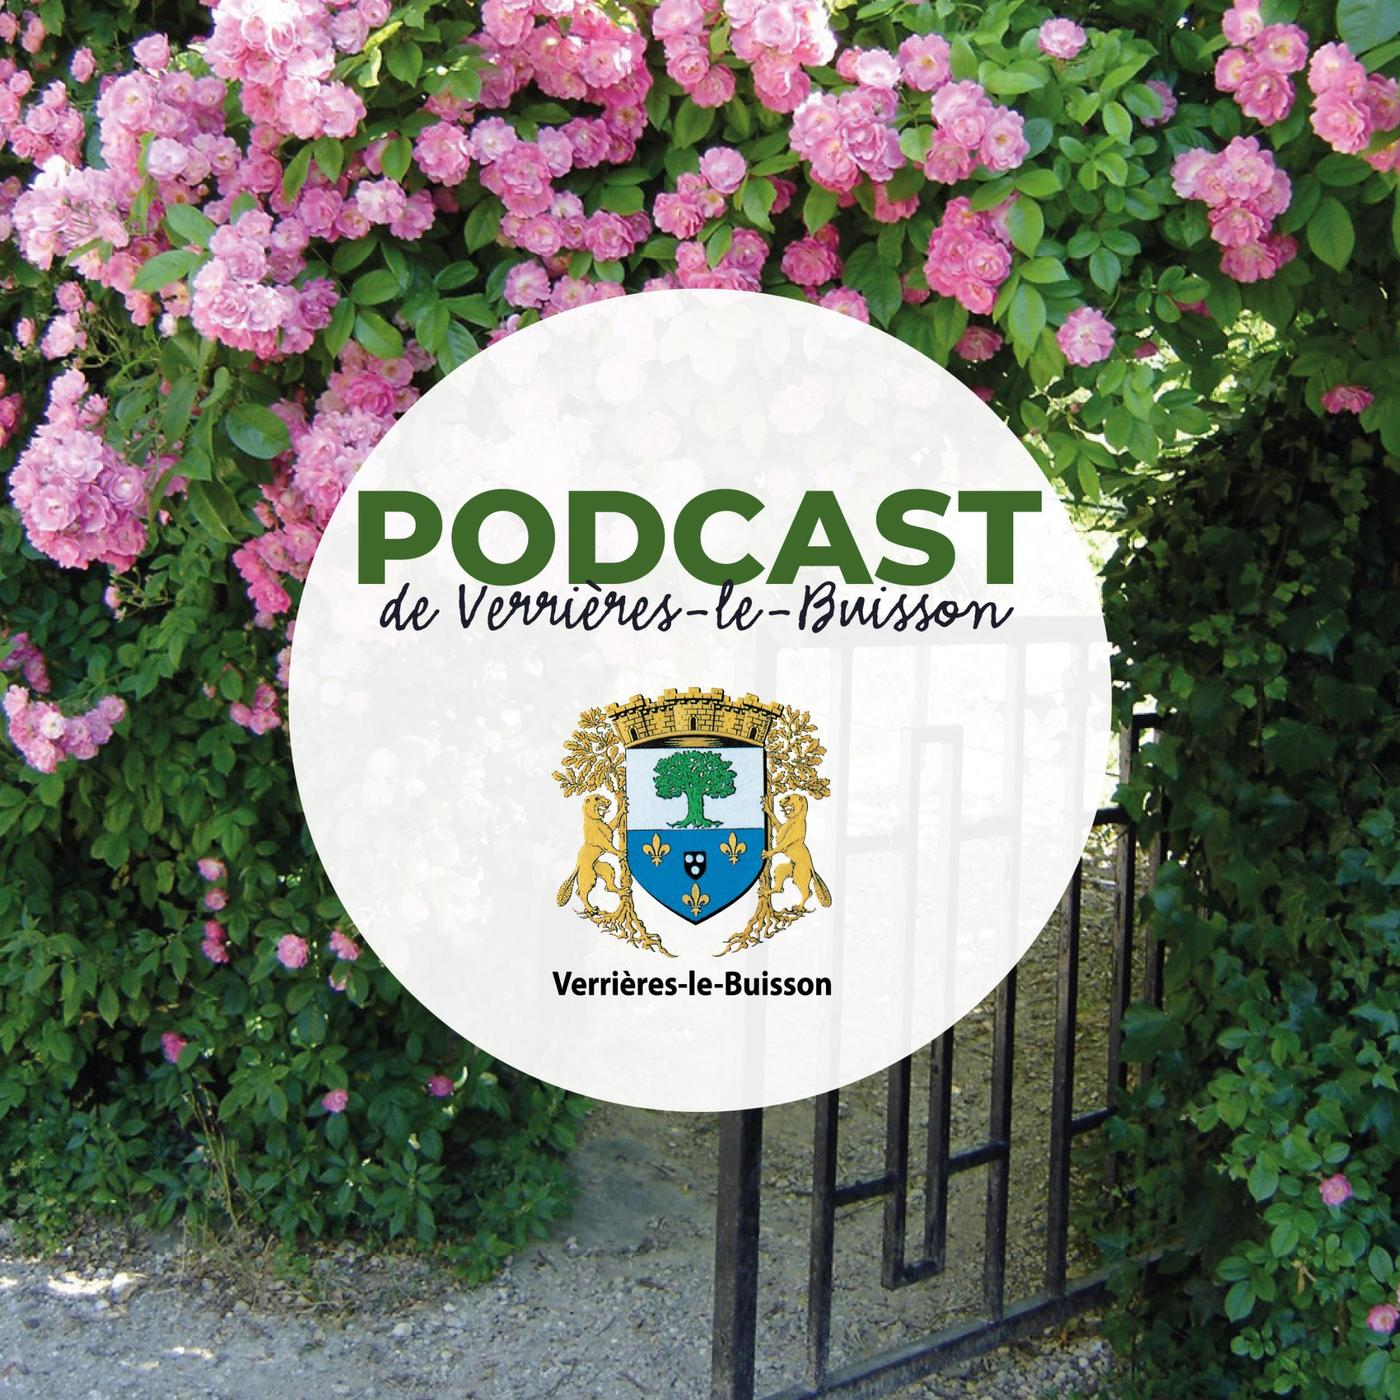 Le podcast de Verrières-le-Buisson